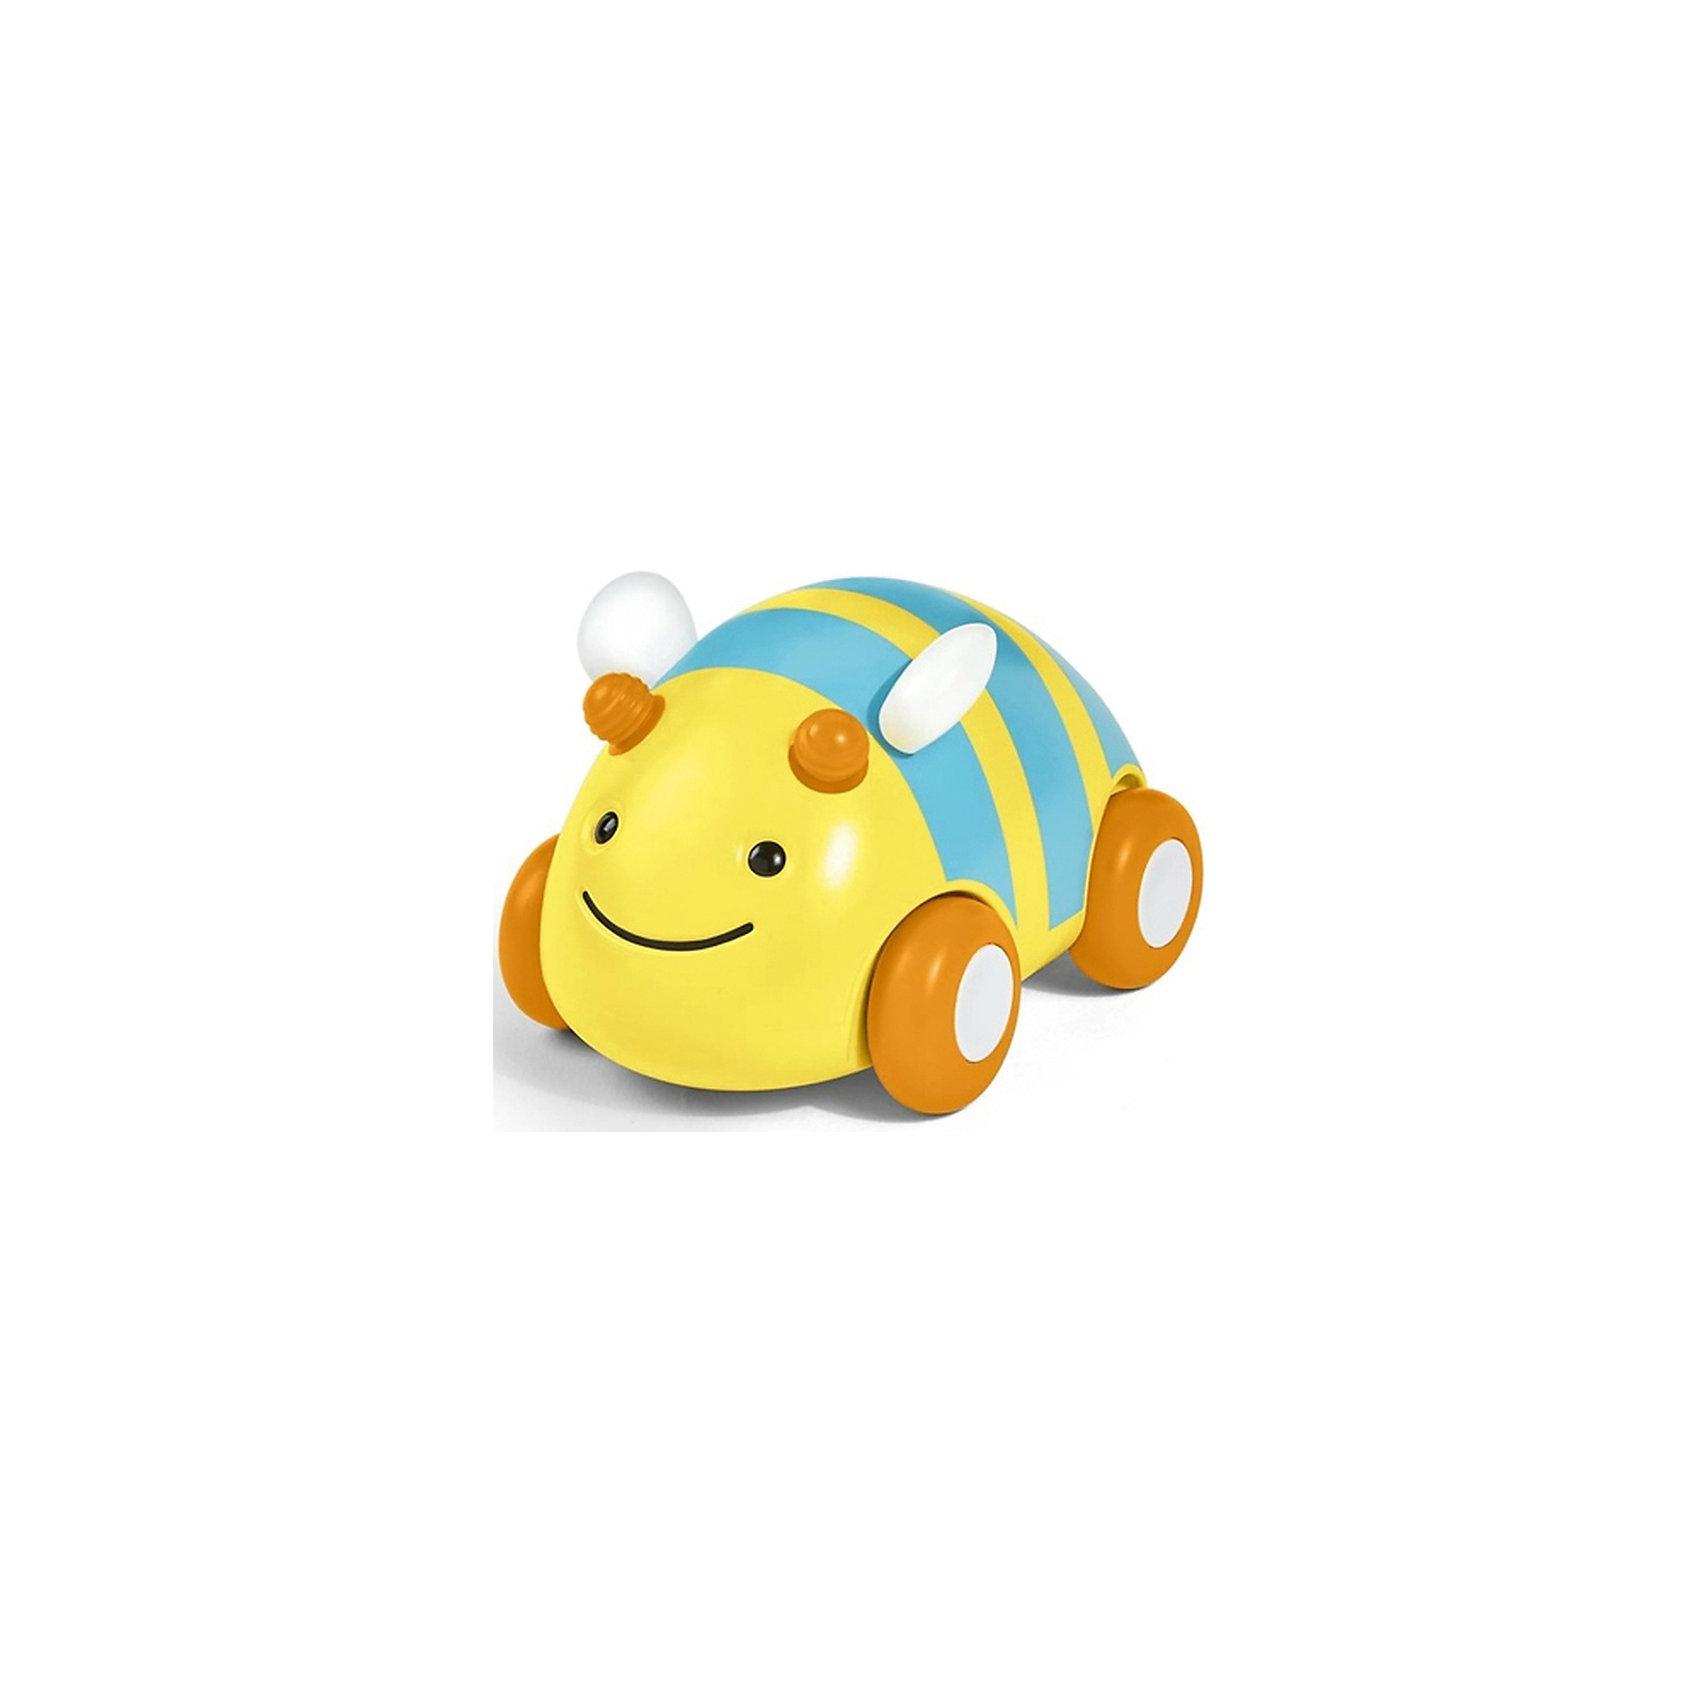 Развивающая игрушка Пчела-машинка, Skip HopРазвивающие игрушки<br>Характеристики товара:<br><br>• возраст от 12 месяцев;<br>• материал: пластик;<br>• размер игрушки 11х8х8 см;<br>• размер упаковки 14х12х10 см;<br>• вес упаковки 315 гр.;<br>• страна производитель: Китай.<br><br>Развивающая игрушка «Пчела-машинка» Skip Hop в виде желтой пчелки — увлекательная игрушка для малышей. Она представляет собой машинку, которая ездит по поверхности на колесиках. Машинка оснащена инерционным механизмом, чтобы запустить ее, надо немного оттянуть игрушку назад и отпустить. Резиновые колеса не повреждают напольное покрытие. Игрушка позволит малышу весело провести время. Она развивает у малышей моторику рук, тактильные ощущения, зрительное и цветовое восприятие. Изготовлена из качественного безвредного пластика.<br><br>Развивающую игрушку «Пчела-машинка» Skip Hop можно приобрести в нашем интернет-магазине.<br><br>Ширина мм: 140<br>Глубина мм: 100<br>Высота мм: 120<br>Вес г: 315<br>Возраст от месяцев: 24<br>Возраст до месяцев: 72<br>Пол: Унисекс<br>Возраст: Детский<br>SKU: 5608262